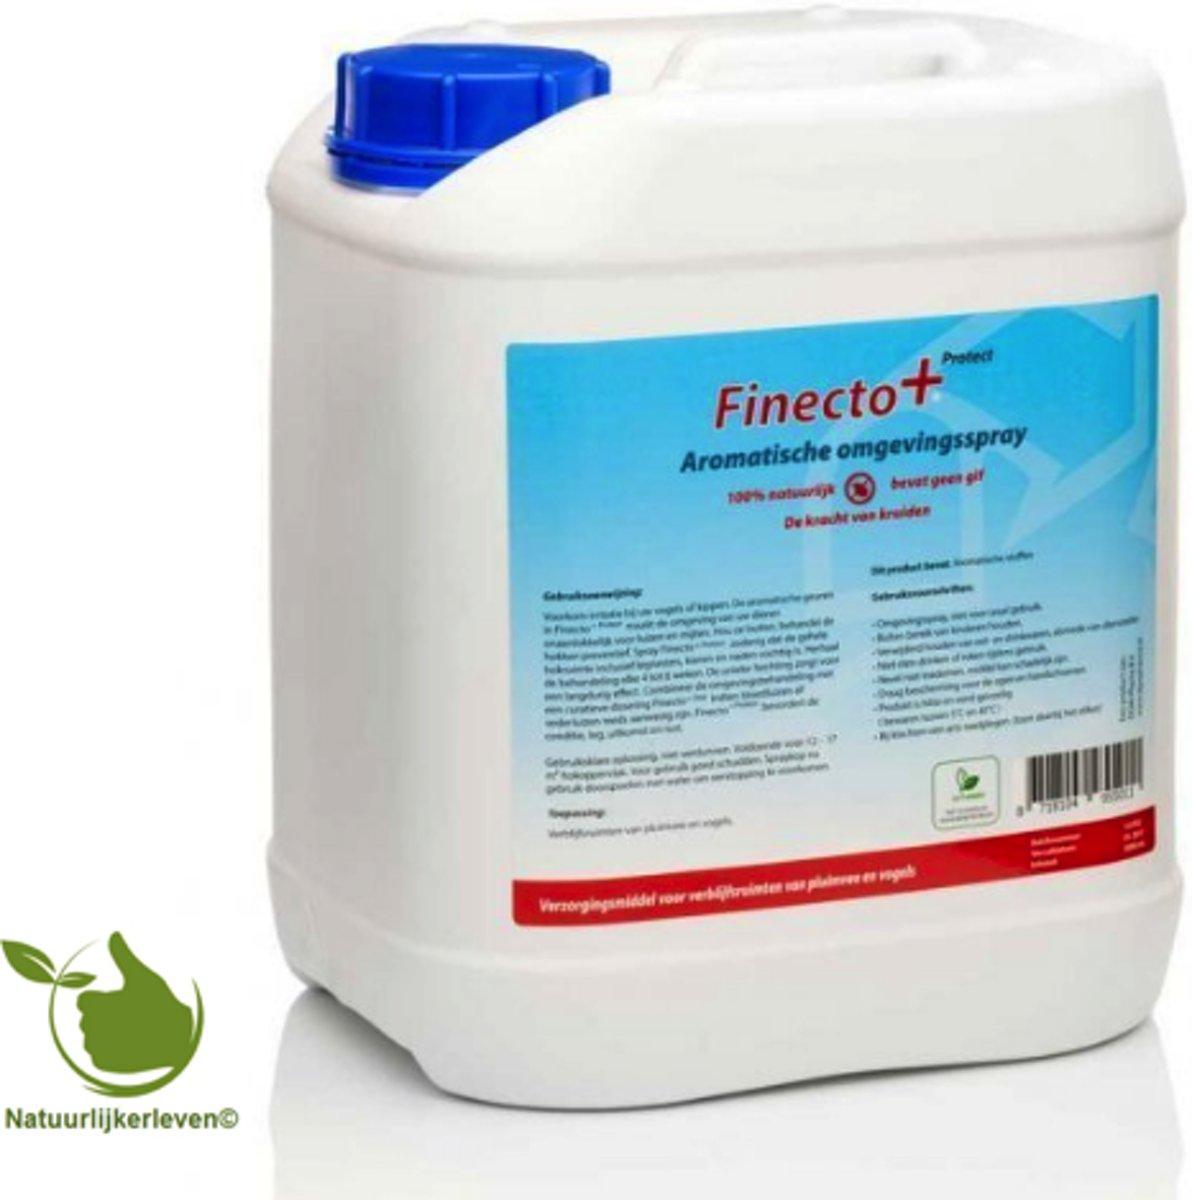 Finecto+ 5 liter omgevingspray tegen bloedluis